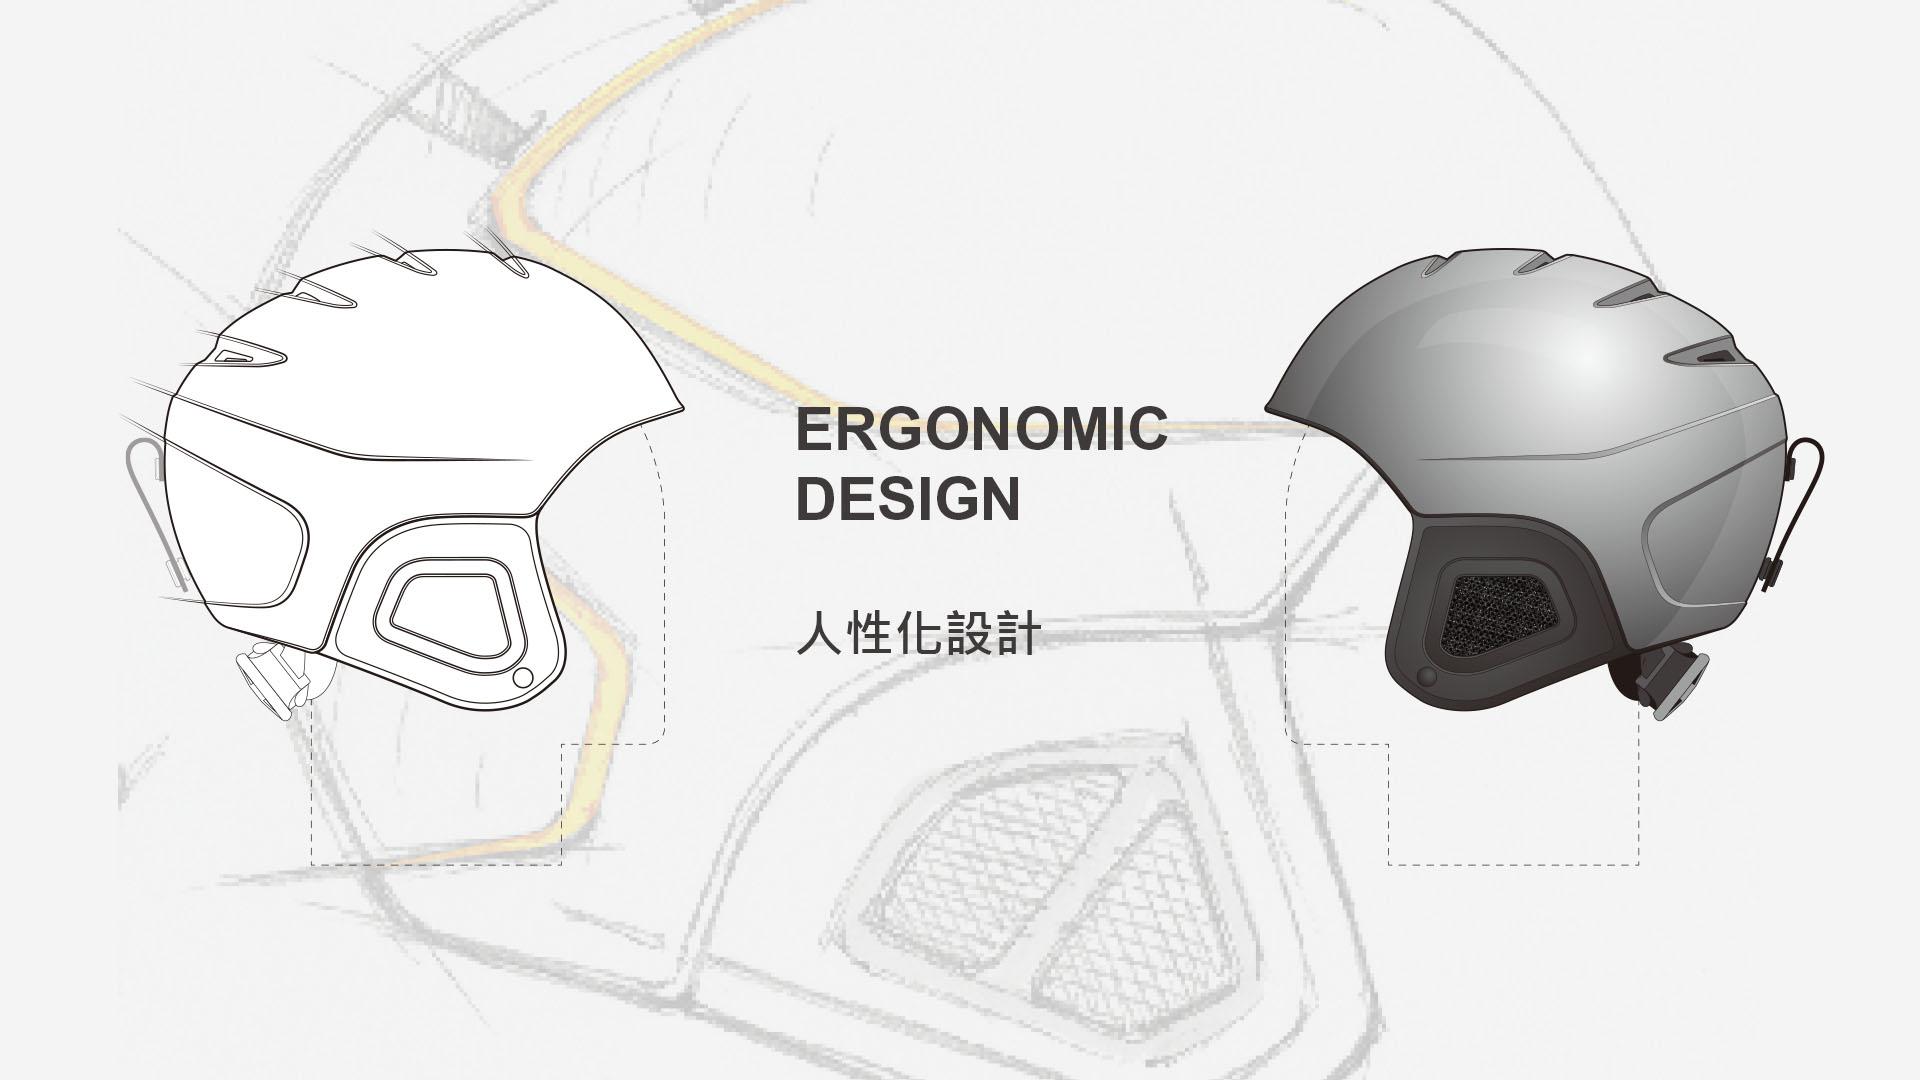 ERGONOMIC DESIGN 人性化設計